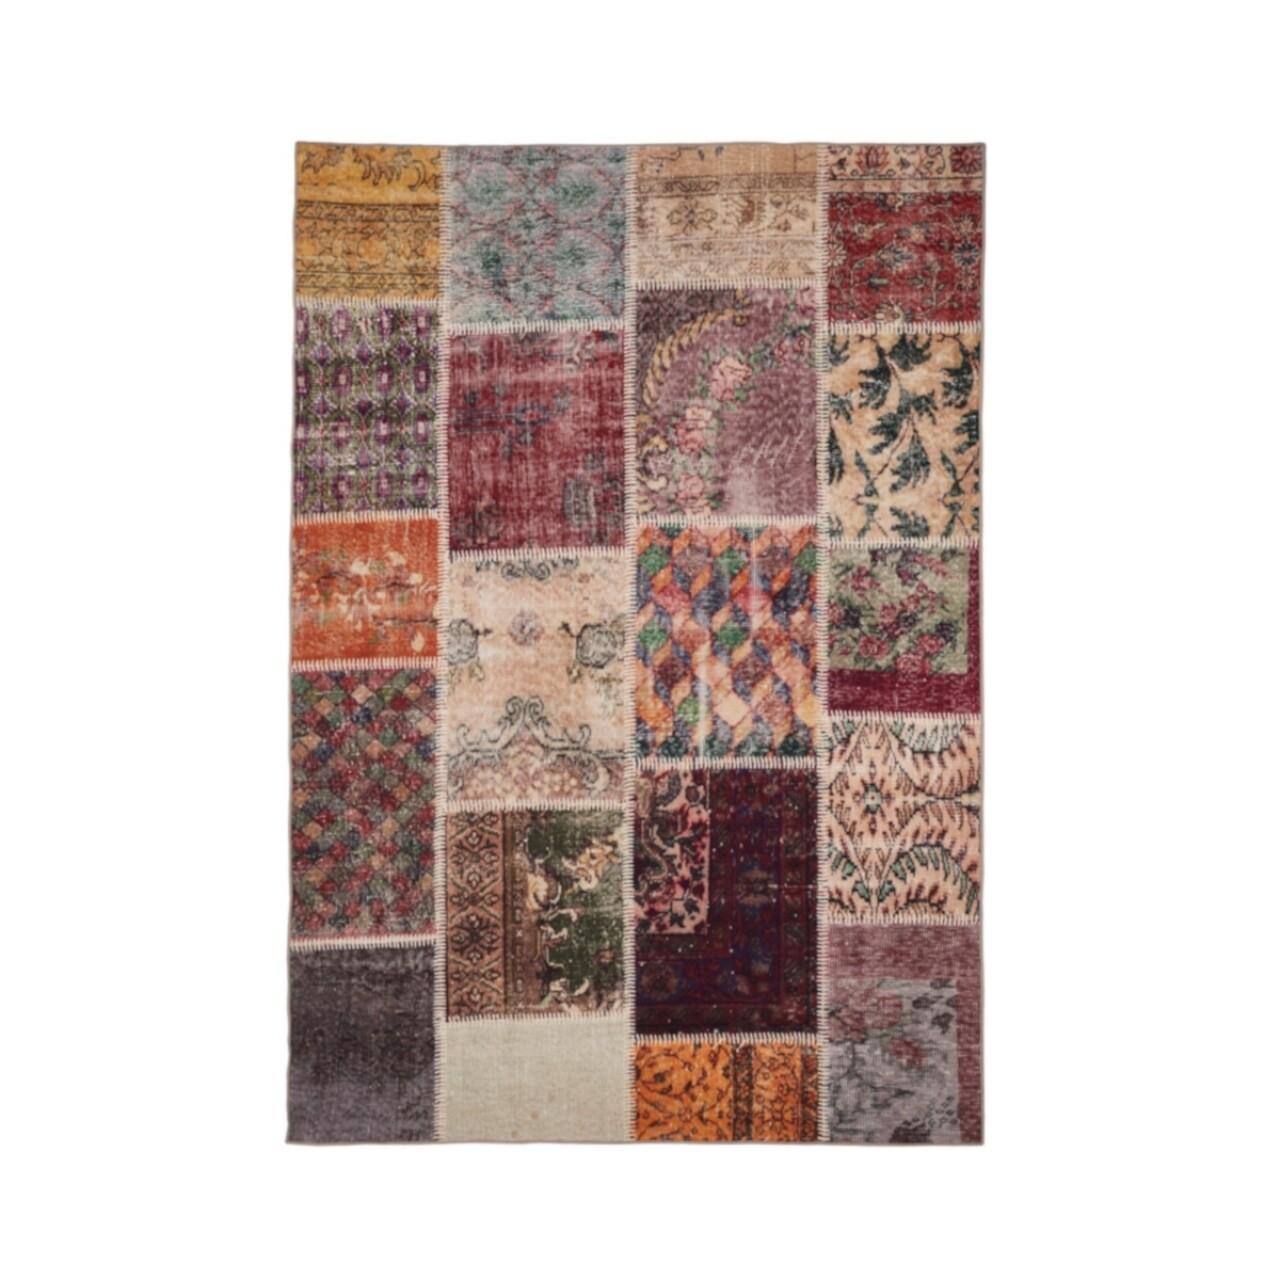 Covor Patchwork Multi, Floorita, 160x230 cm, 77% bumbac, 23% PES, multicolor